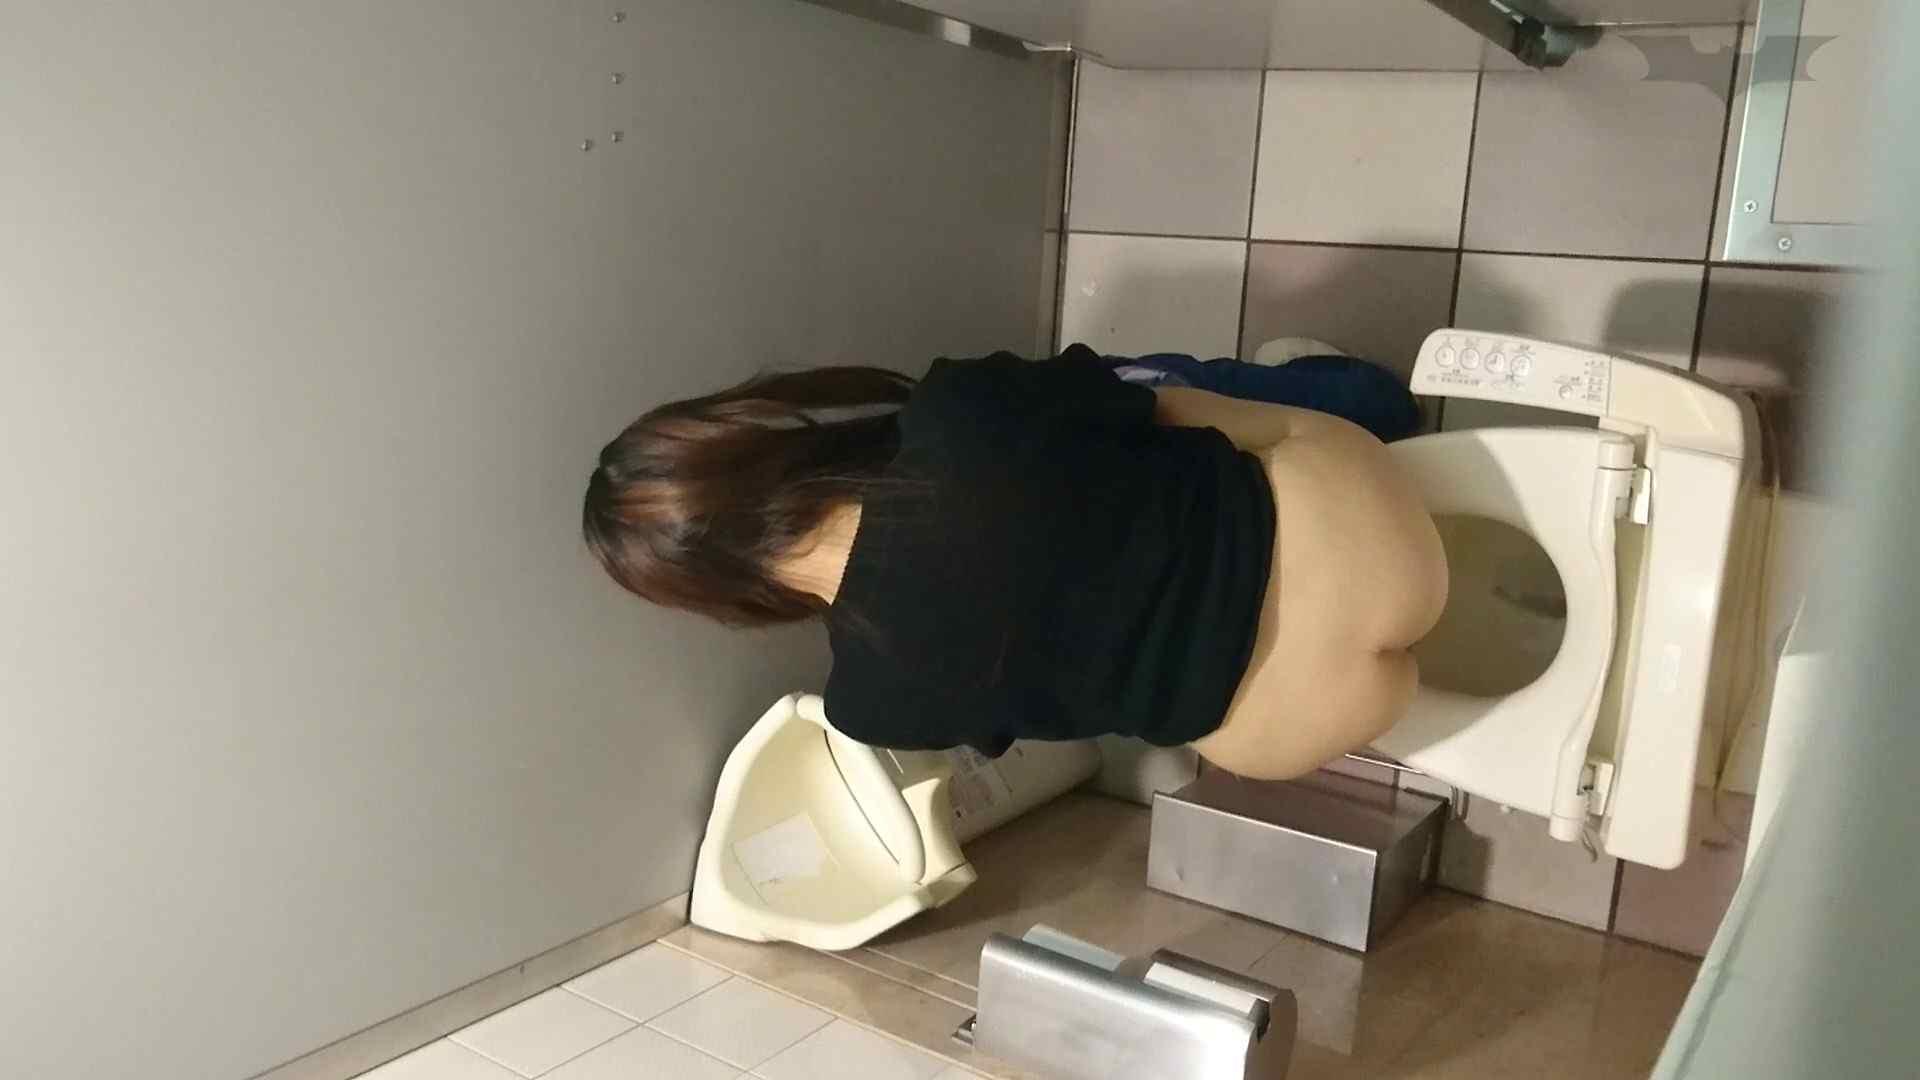 化粧室絵巻 ショッピングモール編 VOL.08 OLハメ撮り  77Pix 36